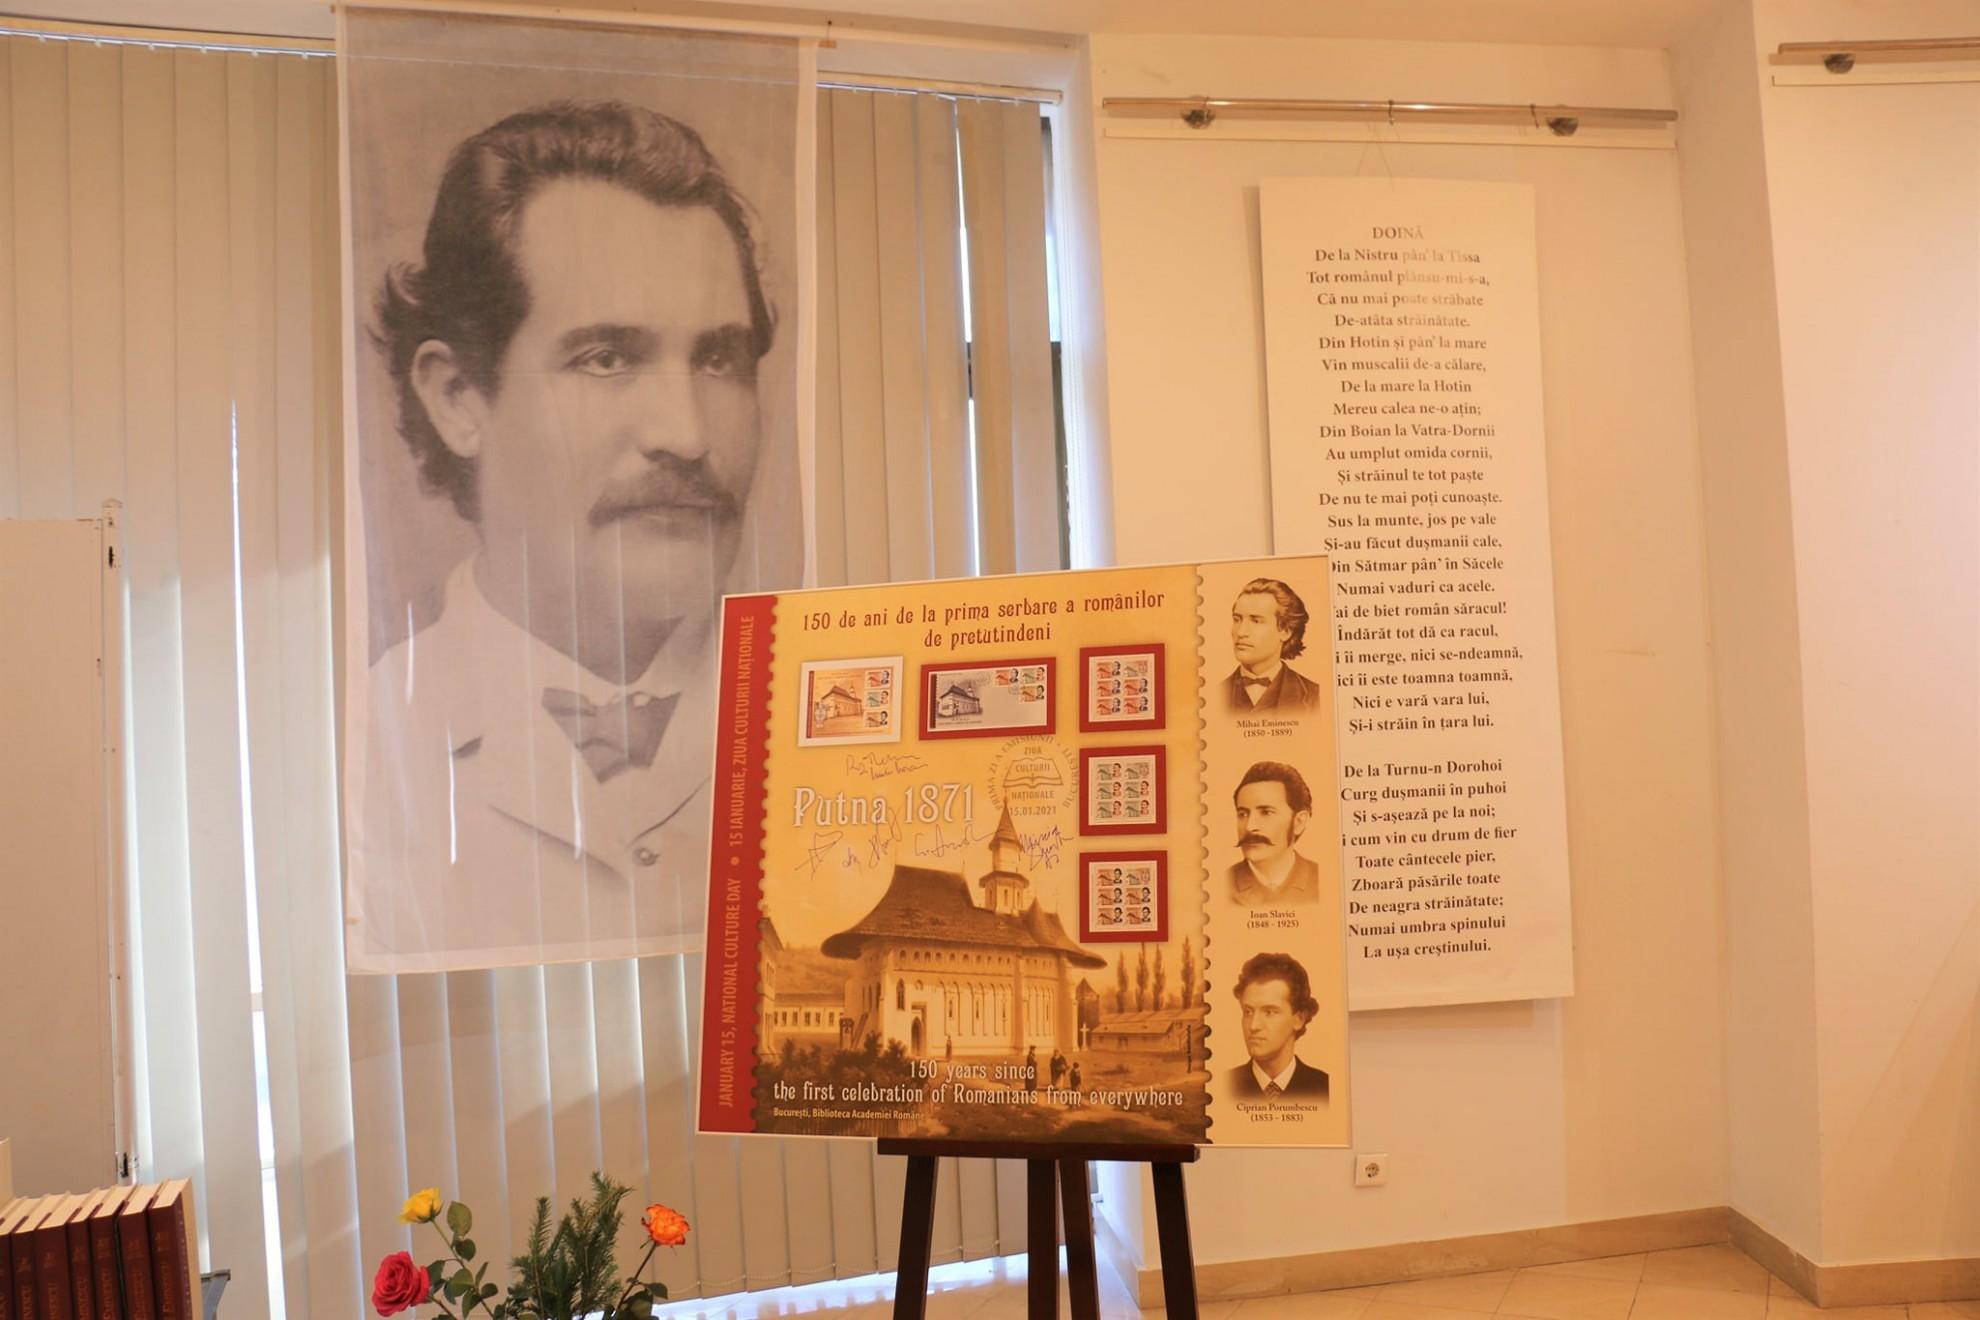 150 de ani de la prima serbare a românilor de pretutindeni. Emisiune de mărci poștale lansată de Romfilatelia